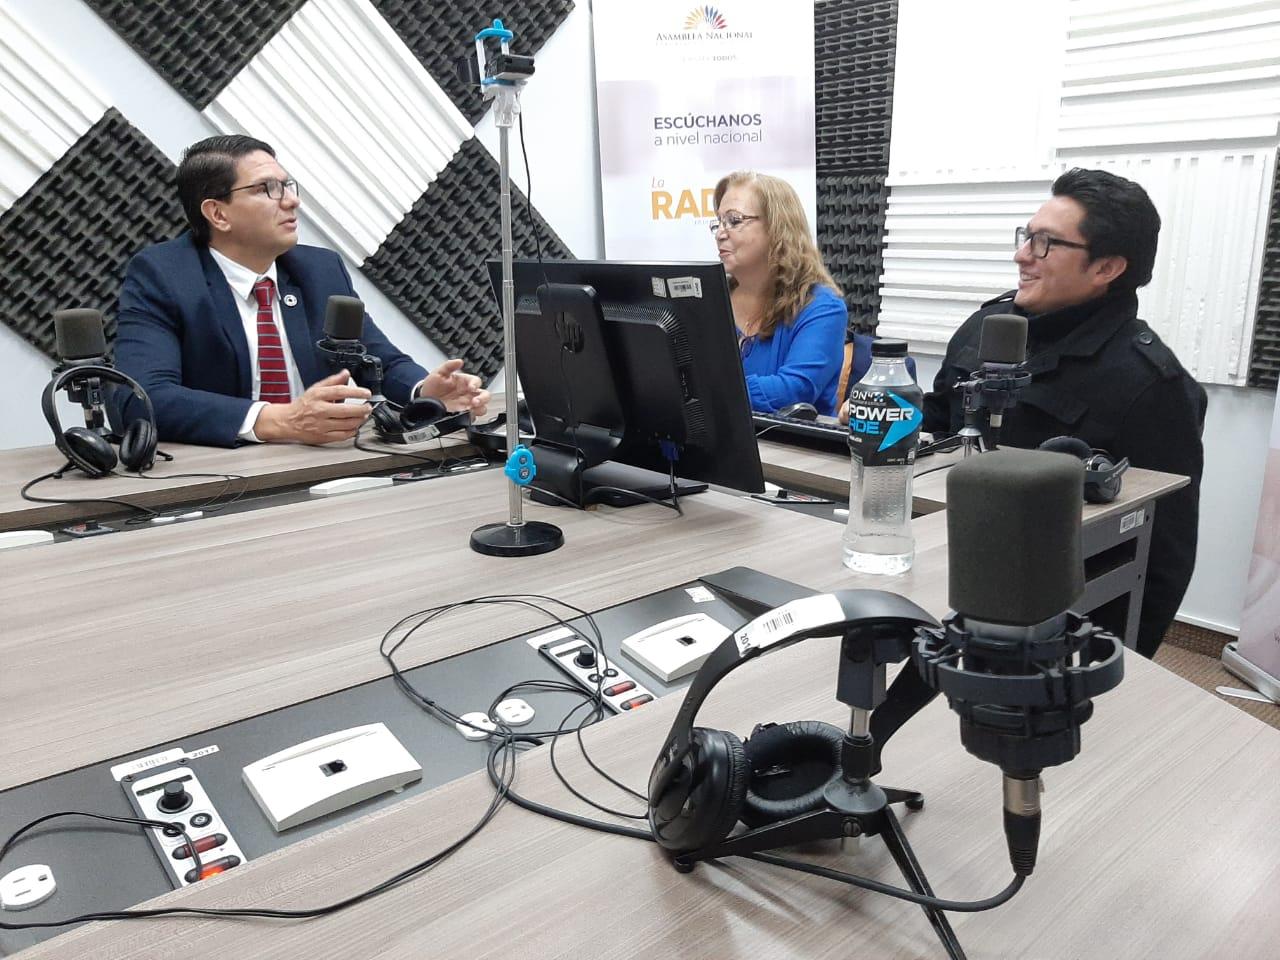 Pablo Zambrano: Ecuador en la Alianza del Pacífico.